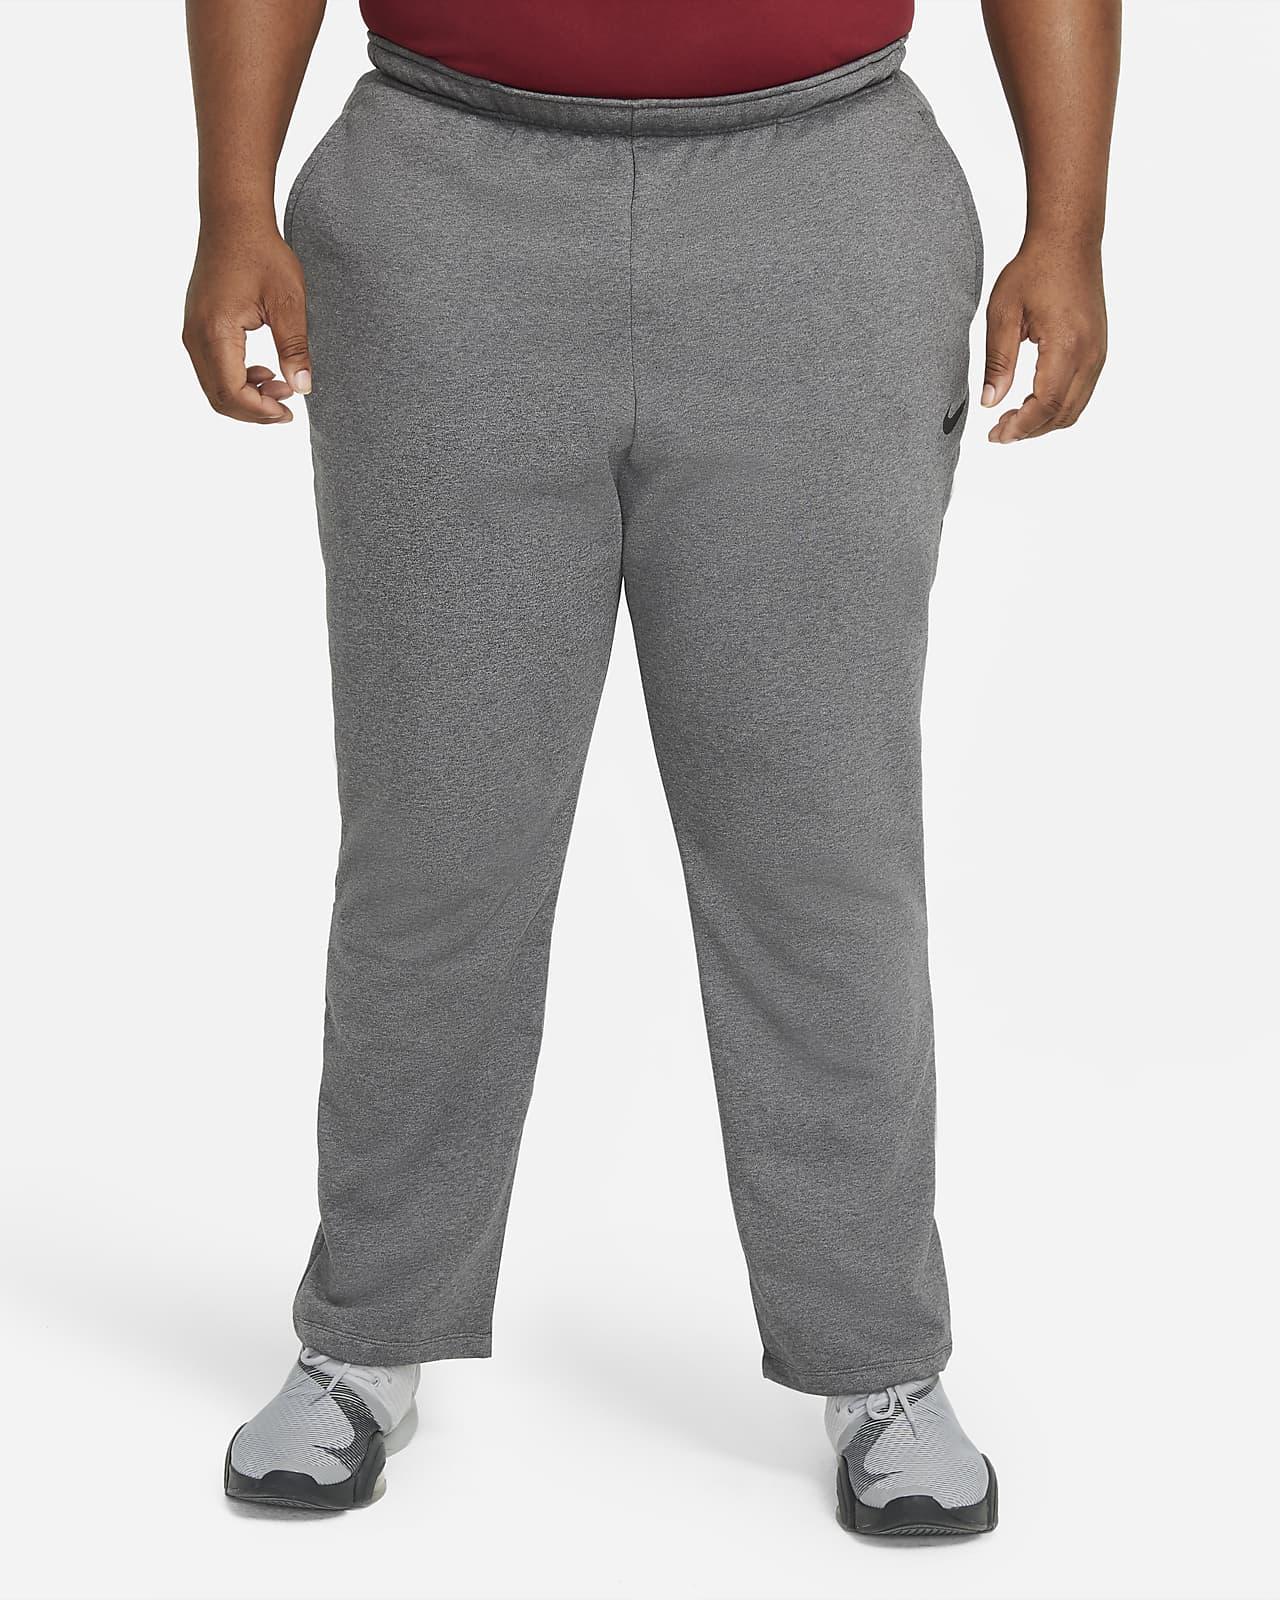 Nike Dri-FIT Men's Training Pants (Big & Tall)